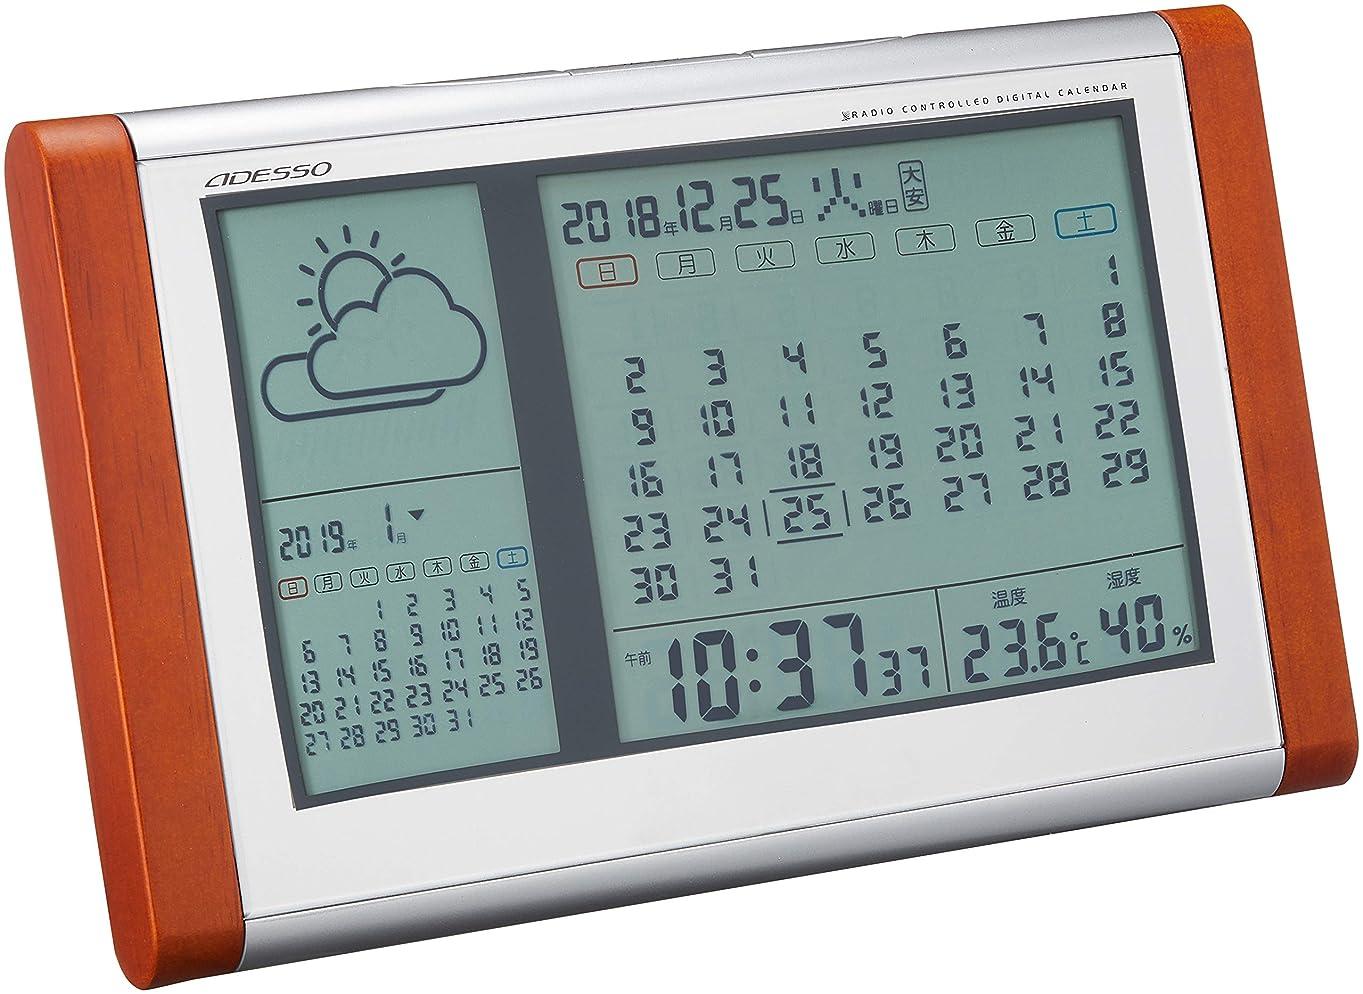 ファンネルウェブスパイダー織る前兆ADESSO(アデッソ) 置き時計 カレンダー天気電波時計 六曜 温度 湿度 日付 天気予報表示 置き掛け兼用 ブラウン TB-834